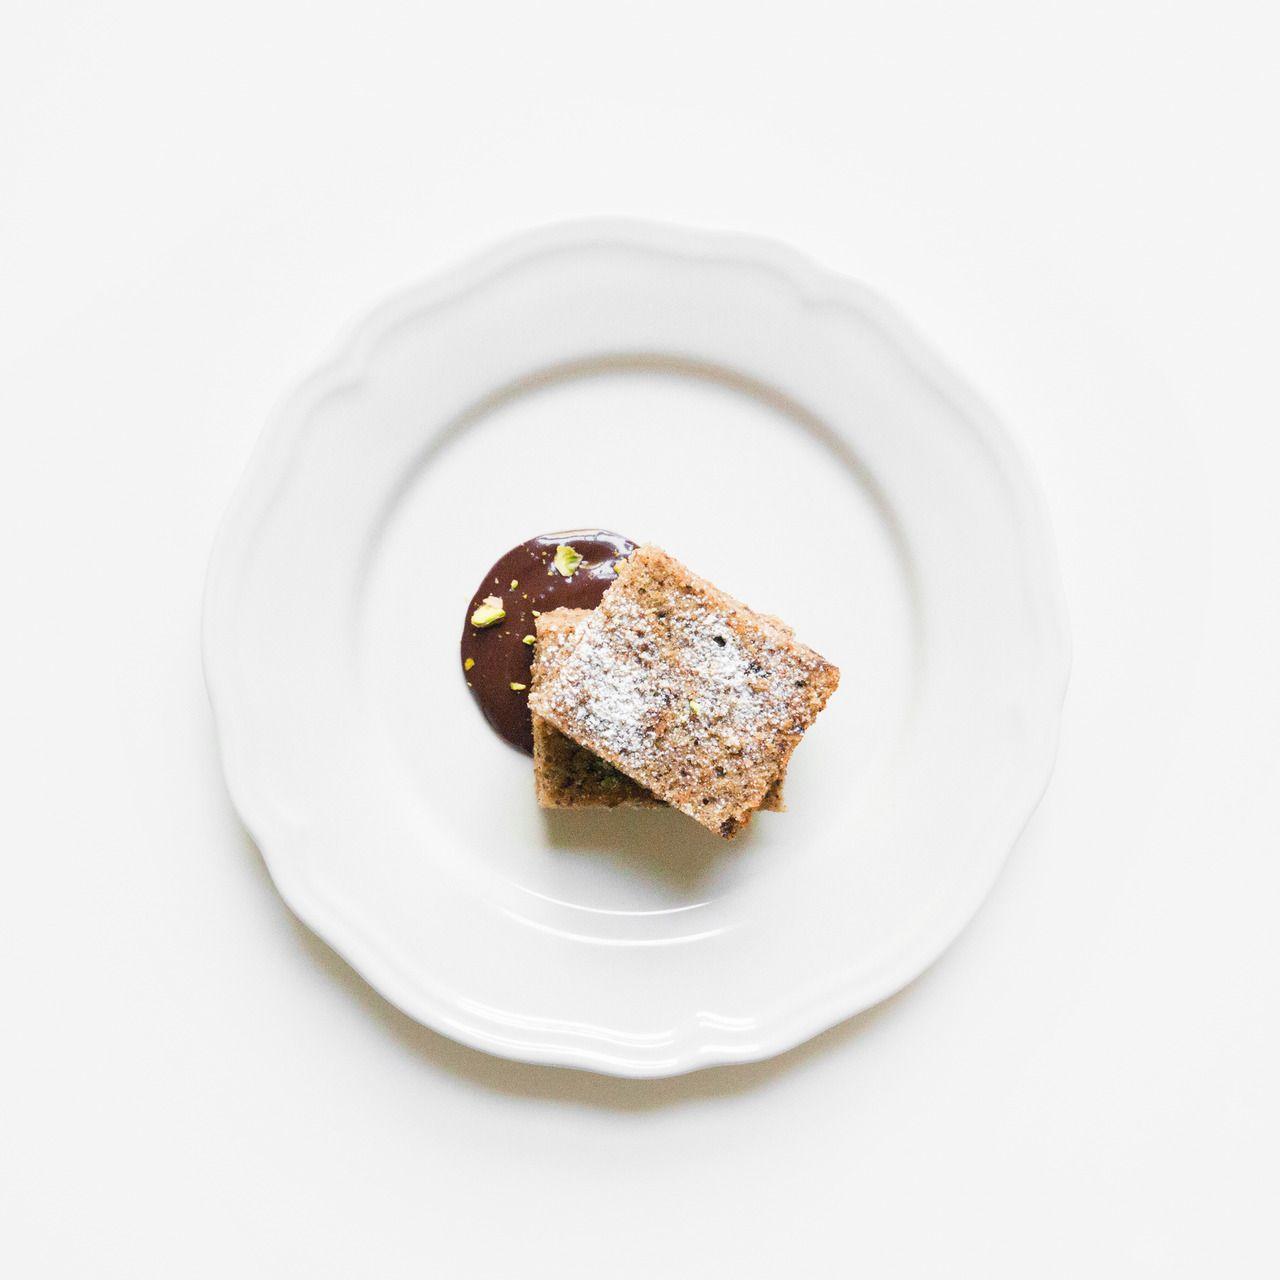 Pistachio & Chocolate Squares / WILLIAM MATTHEW VALLE